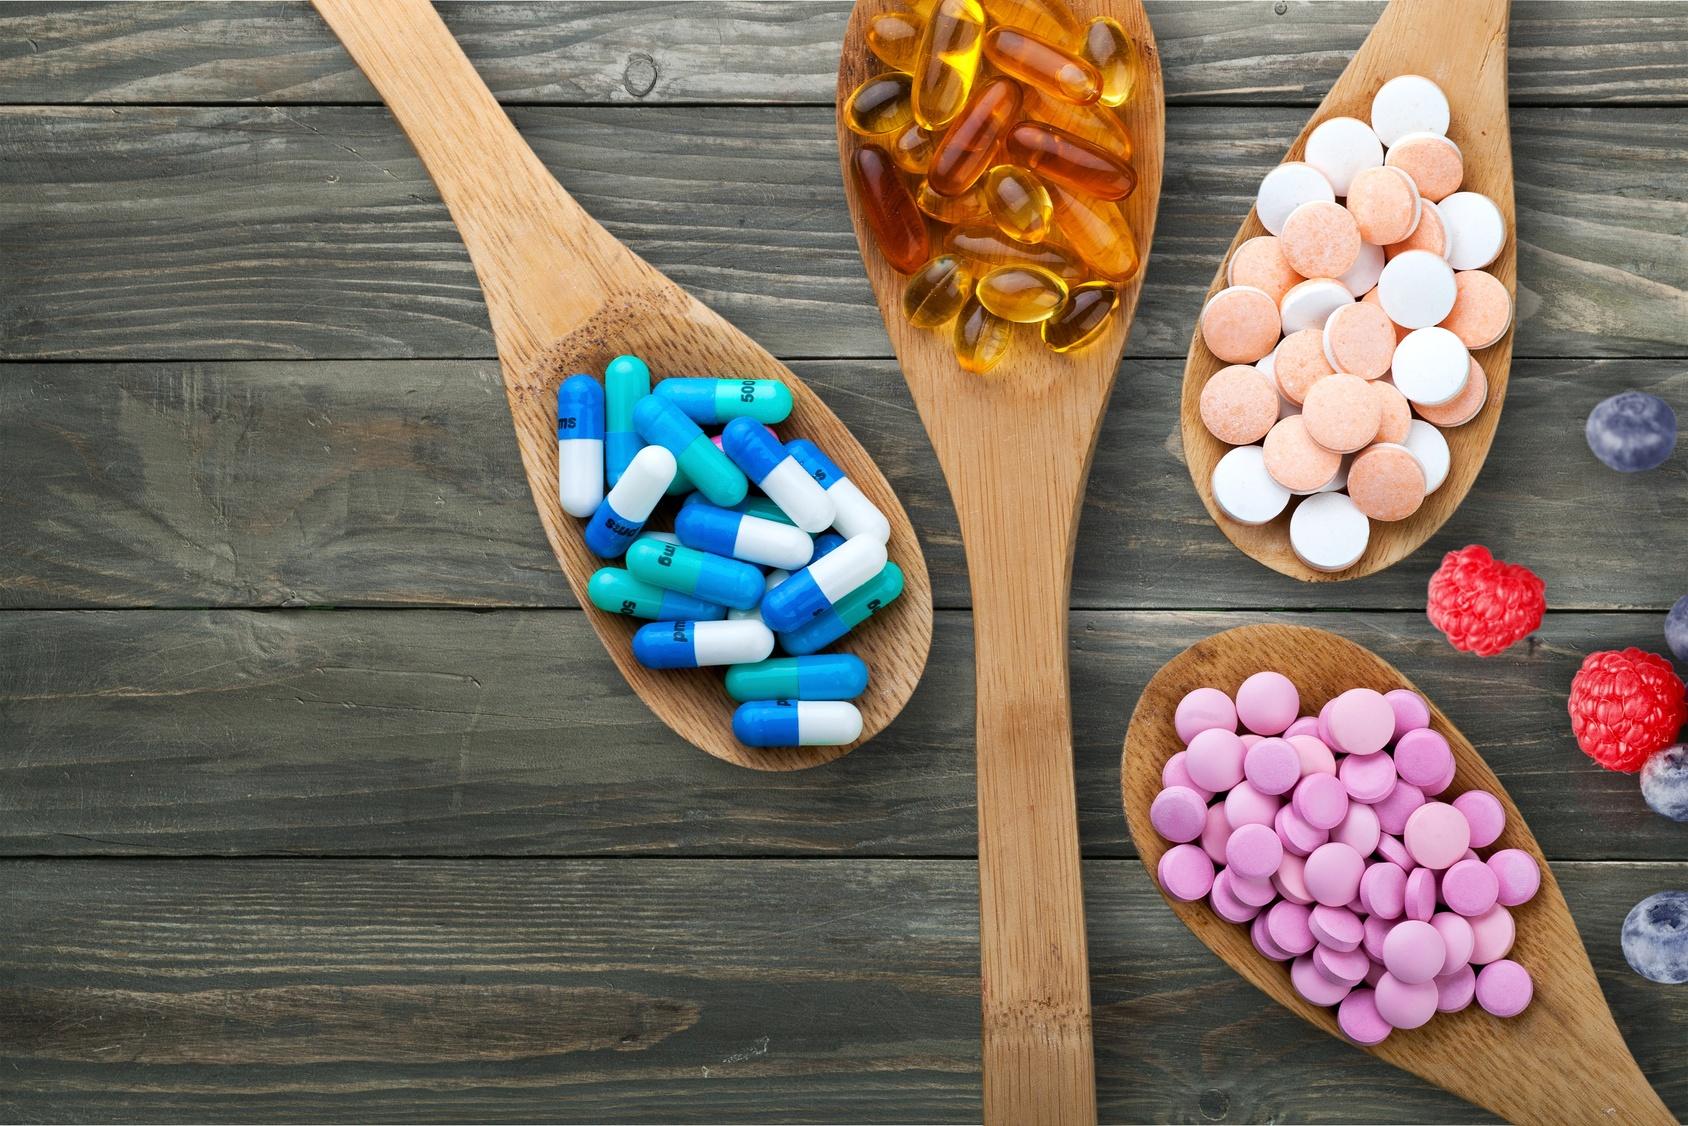 dolore artritico e controindicazioni vitamina d3